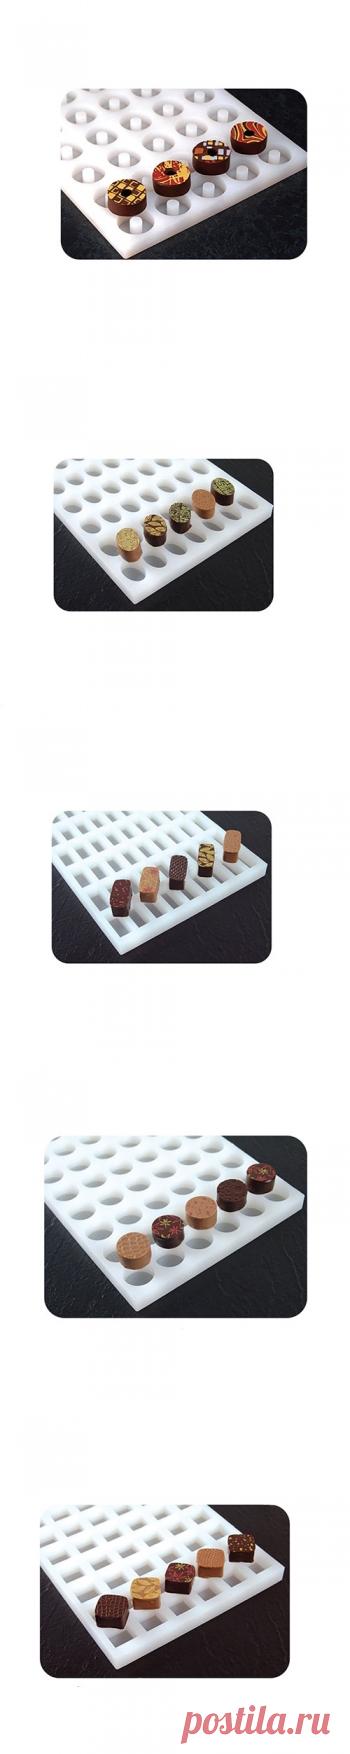 materiel de cuisine - moule silicone - plancha - cuisine shop